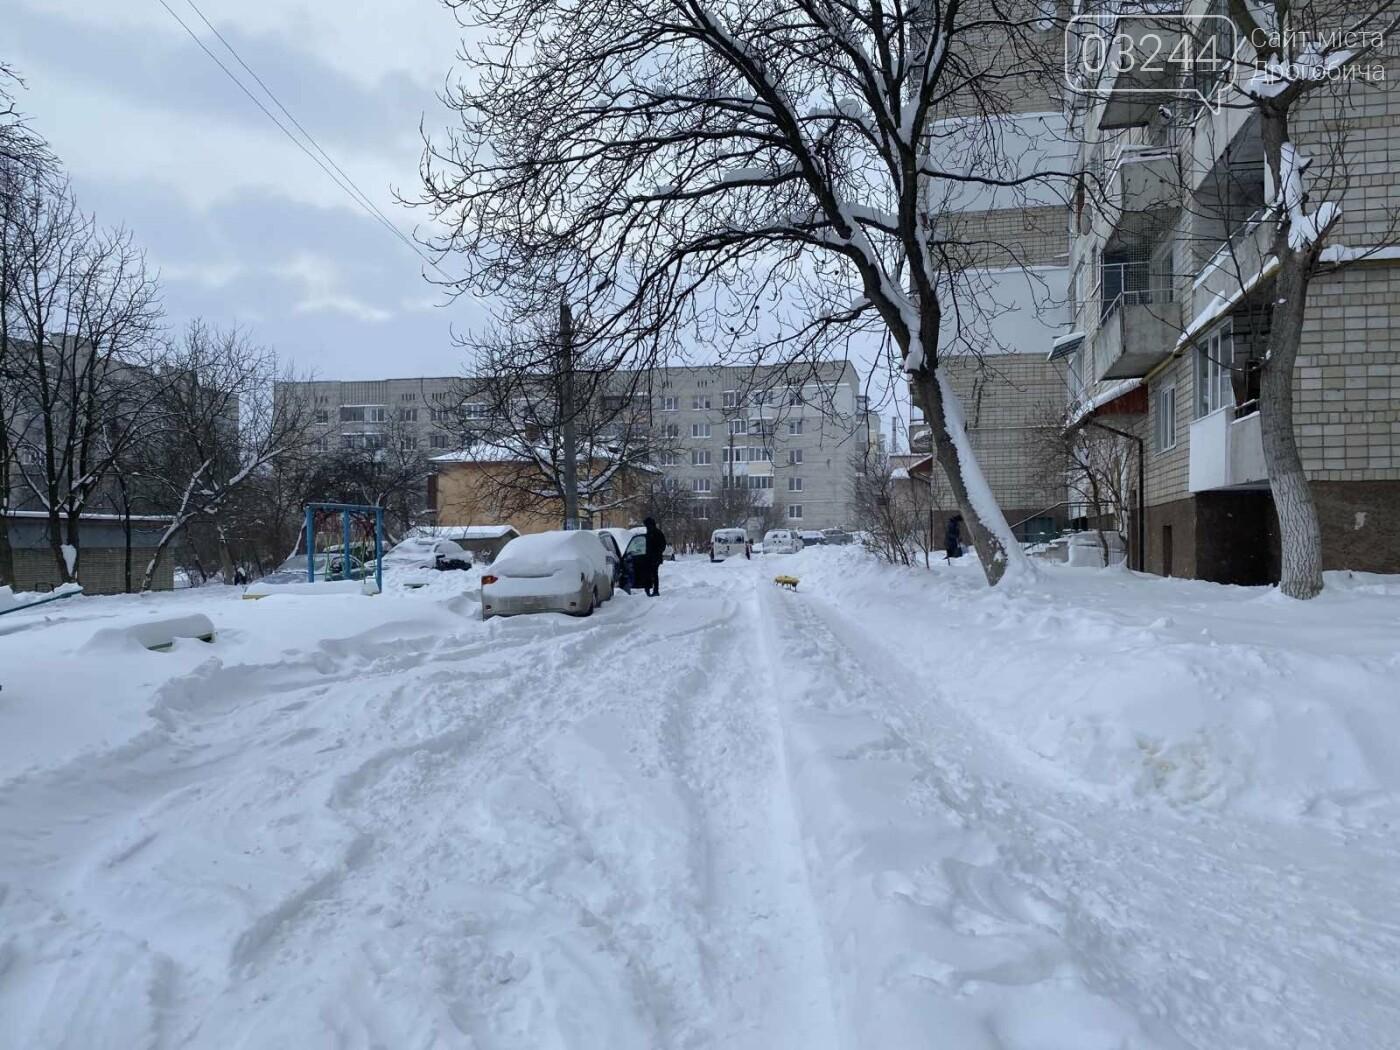 Притрусило: негода перетворила автівки, які не виїжджали кілька днів, на снігові кургани, - ФОТОРЕПОРТАЖ, фото-8